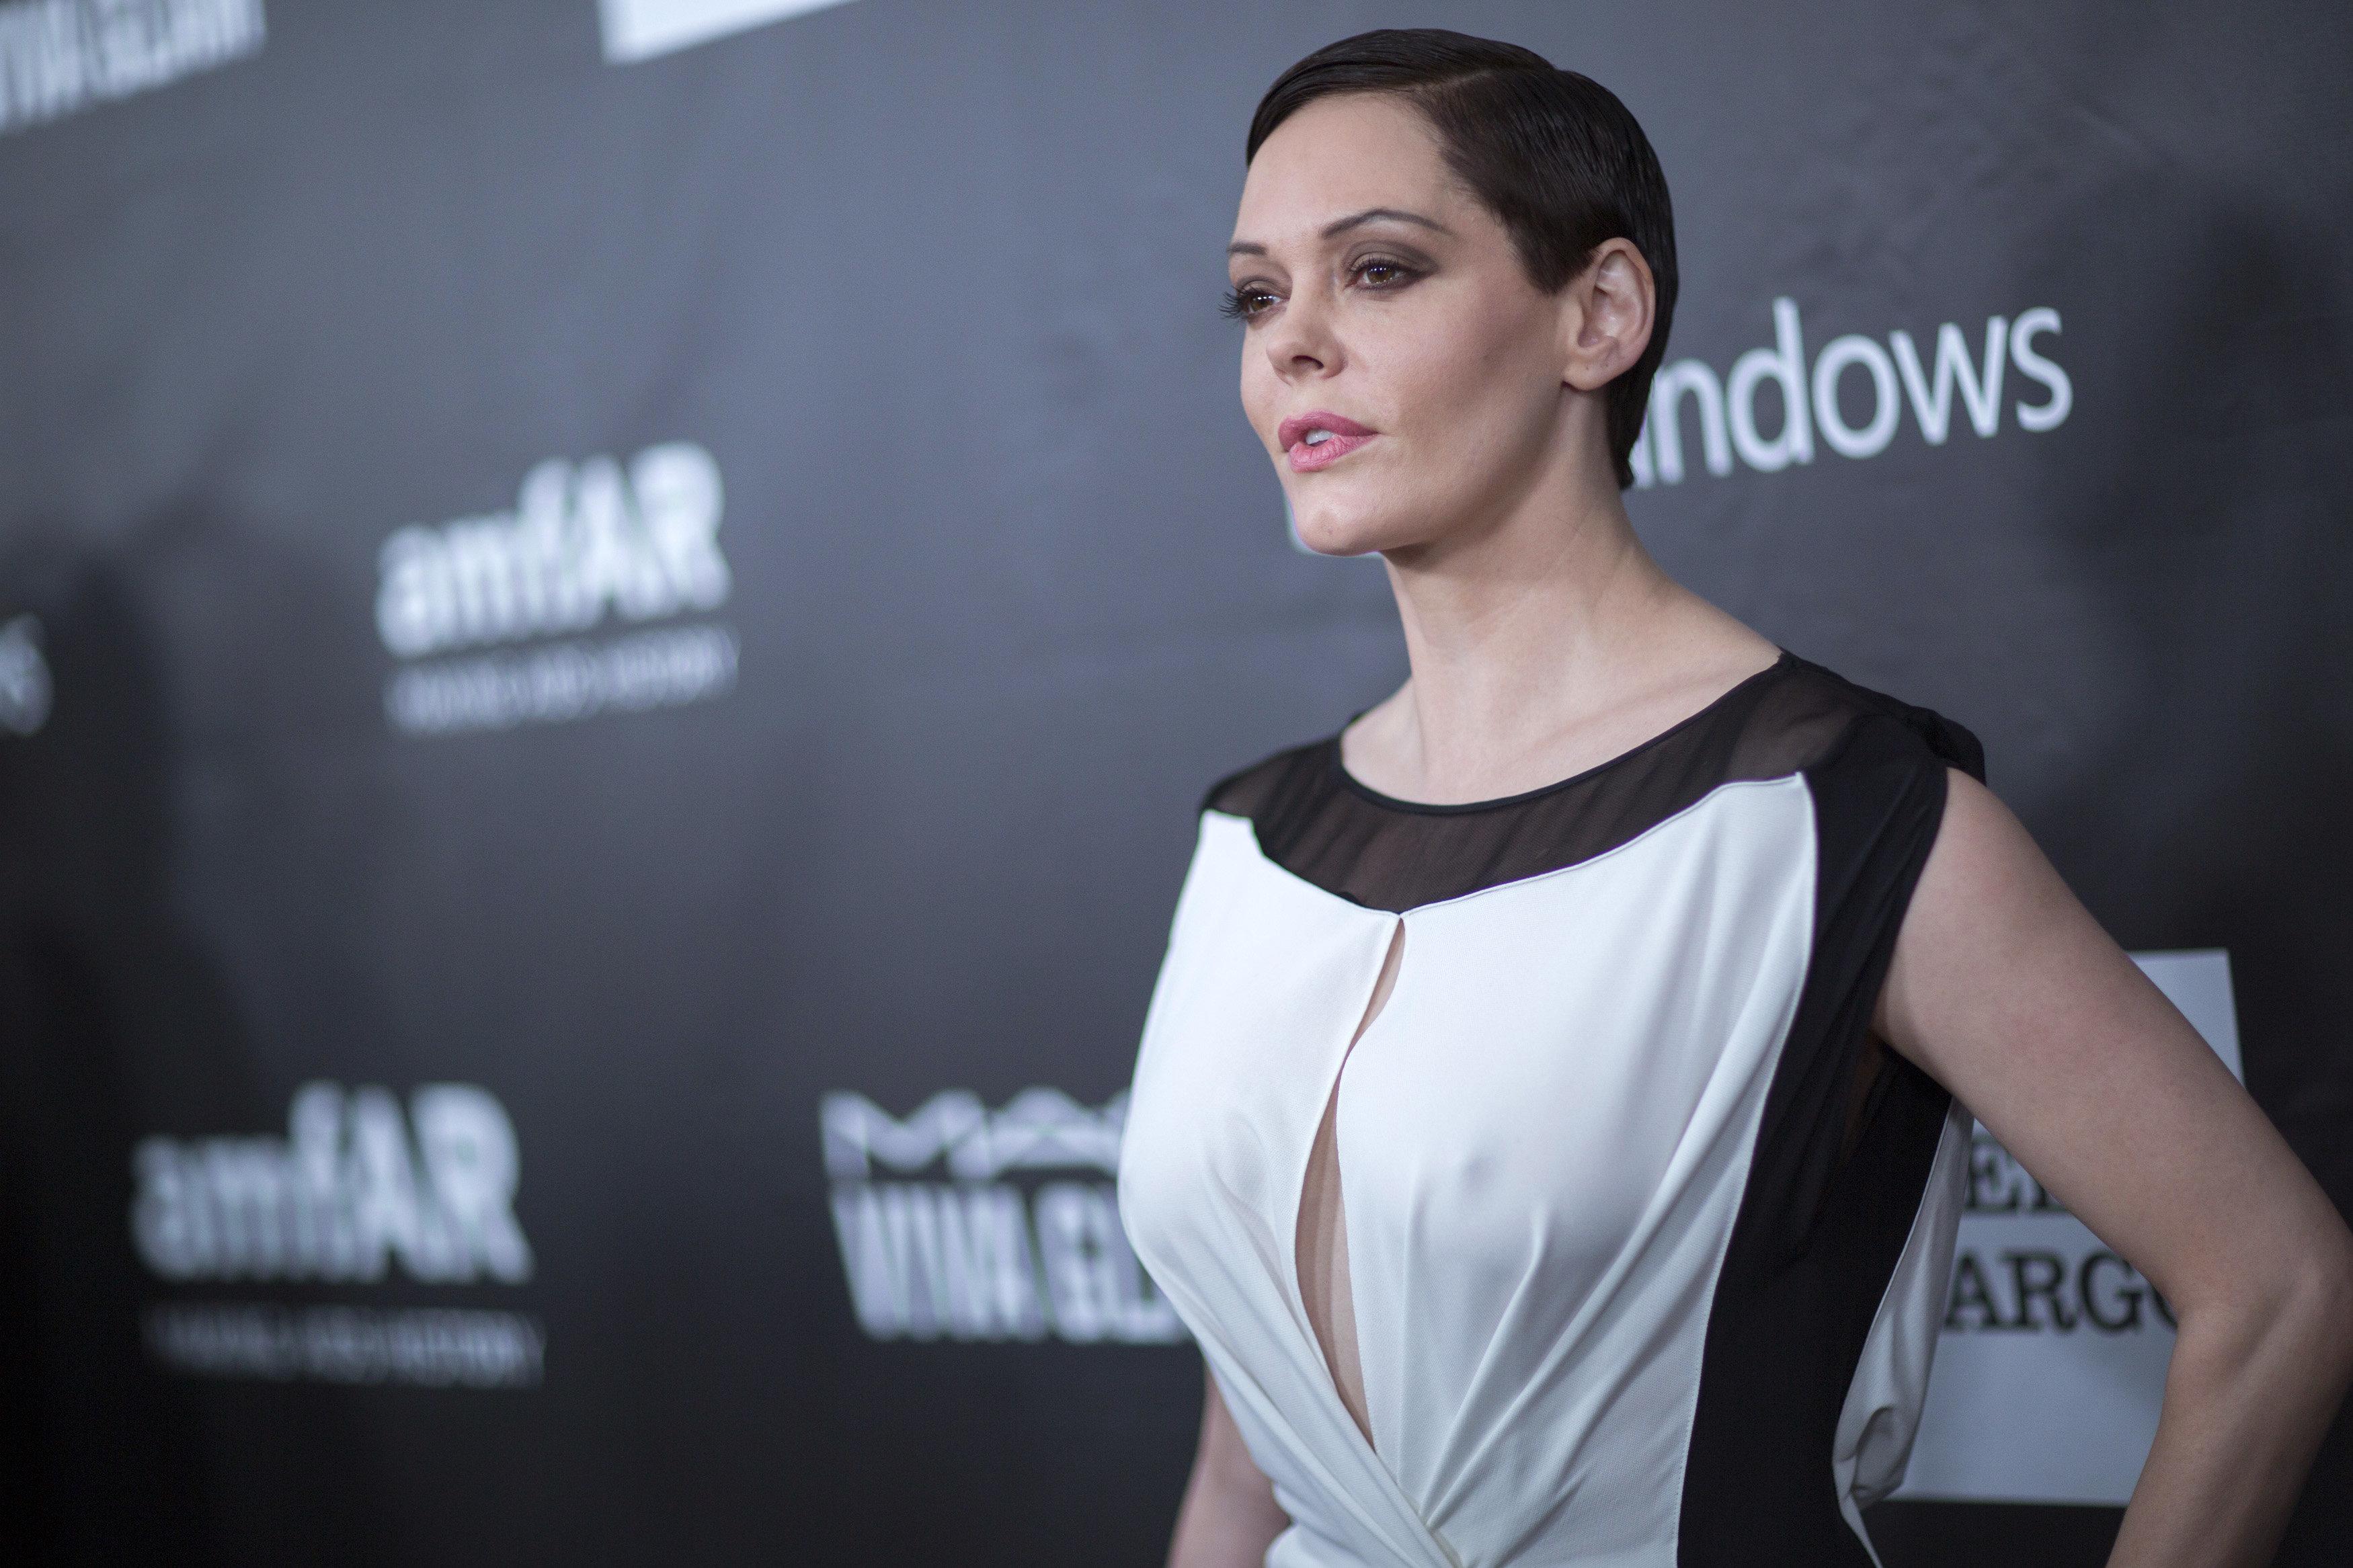 Rose McGowan's 'Twitter Suspended' Amid Harvey Weinstein